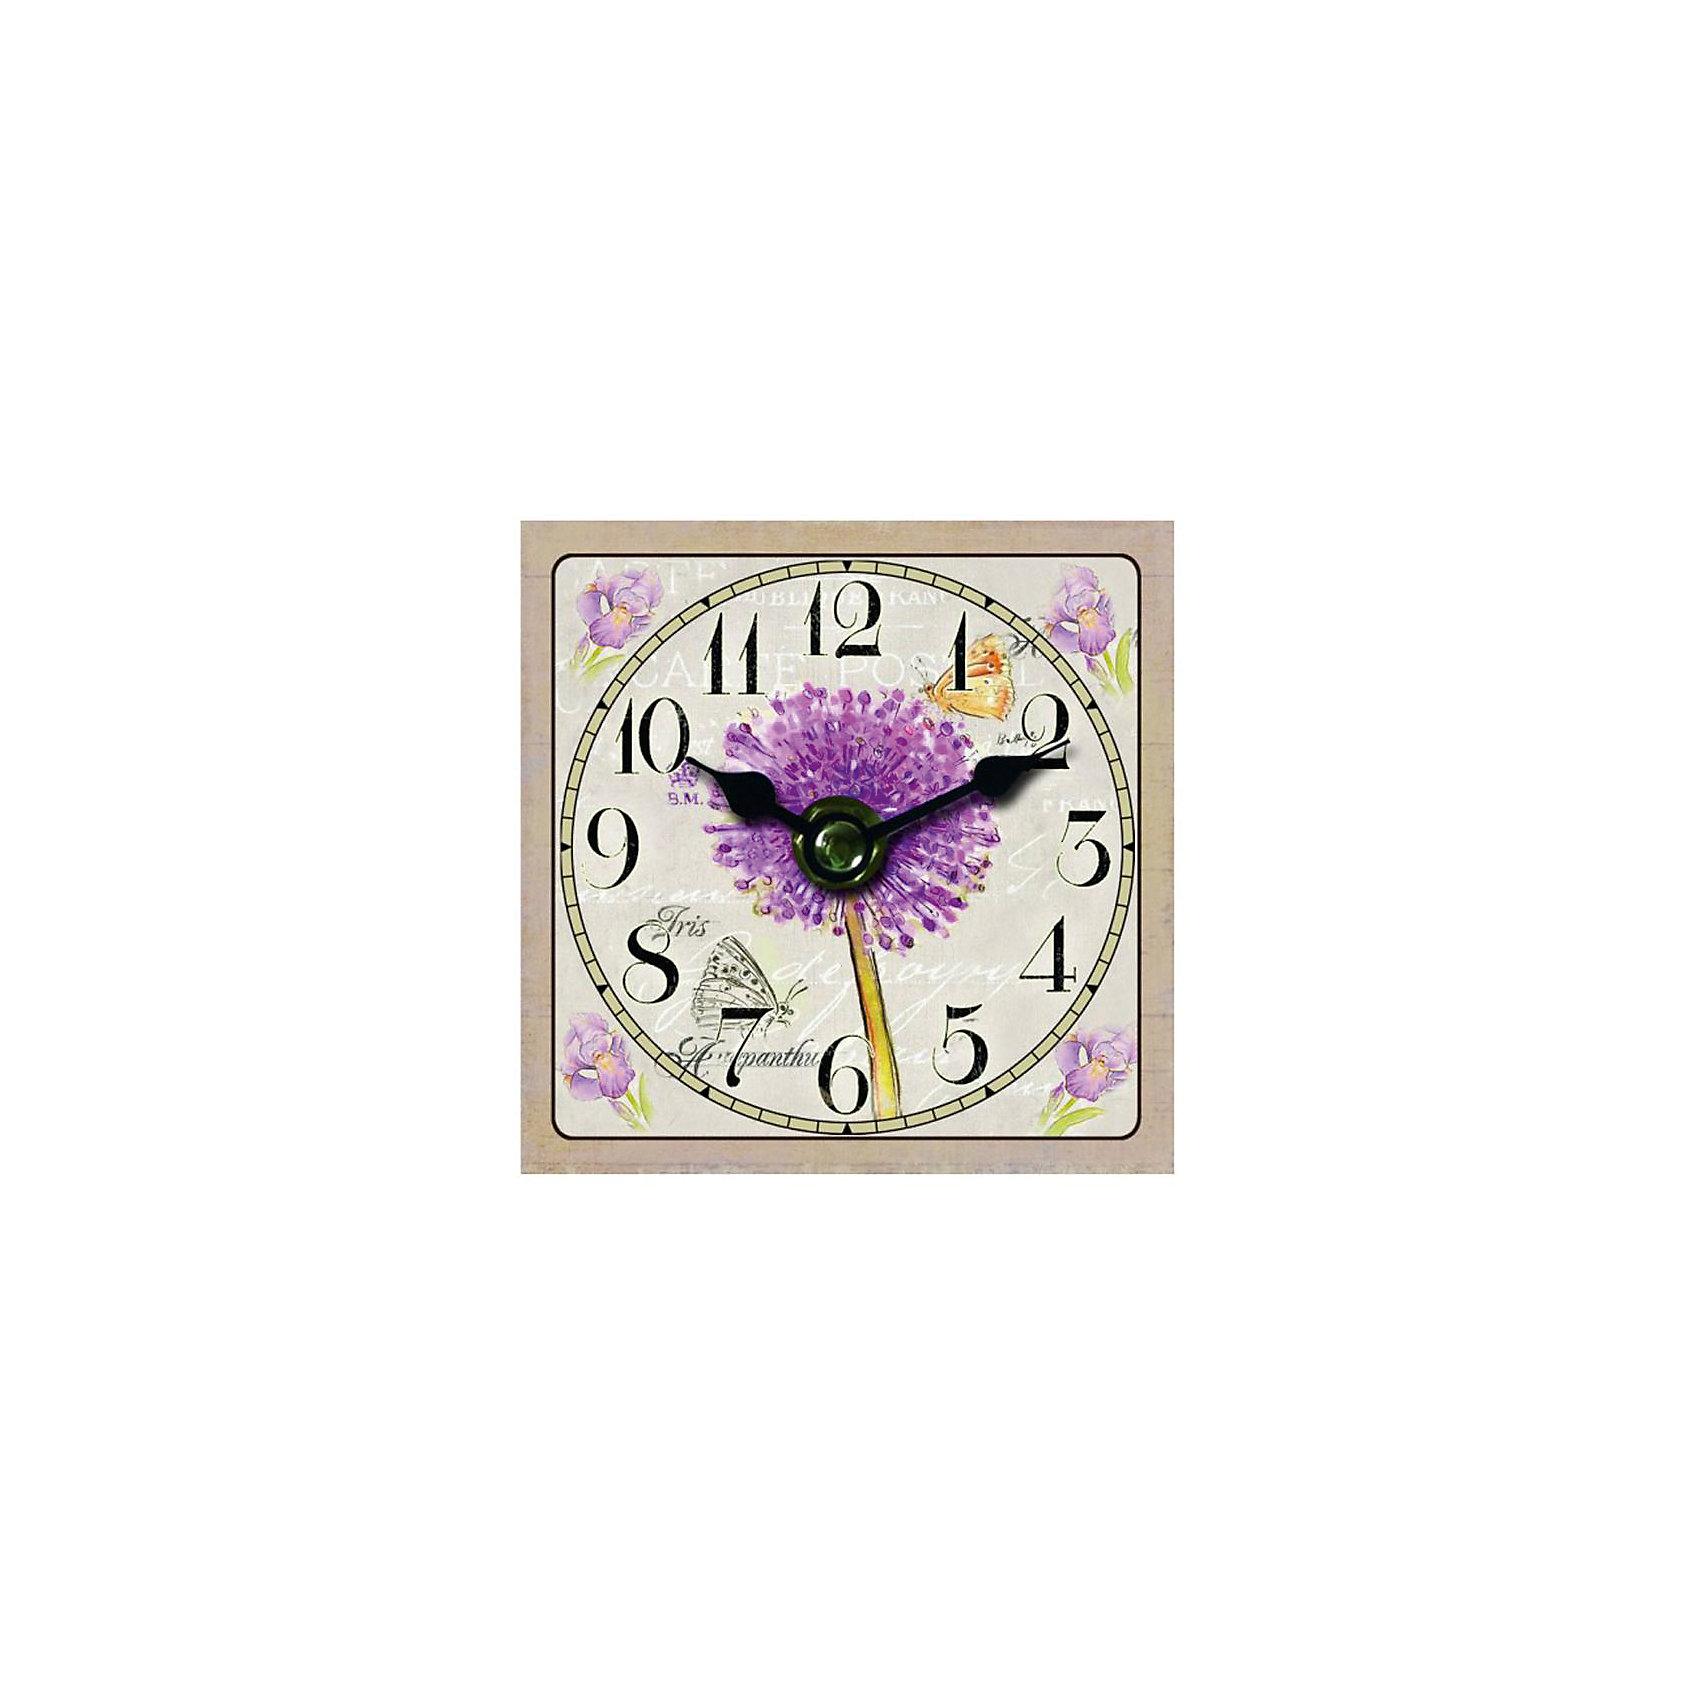 Часы настольные Цветение, Magic HomeПредметы интерьера<br>Настольные часы с открытым циферблатом устанавливаются на плоской поверхности стола, полки или прикроватной тумбочки. Ход стрелок плавный, часы кварцевые, без боя, с циферблатом, часовой механизм находится на задней стенке часов. Корпус часов Magic Home – мдф-основа с рисунком «Цветение». <br><br>Дополнительная информация:<br><br>Для работы часов требуется 1 батарейка типа АА (приобретается отдельно).<br><br>Размер: 10х10 см<br><br>Материал: МДФ - древесноволокнистая плита средней плотности, изготовленная из древесных опилок мелкой фракции.<br><br>Часы настольные Цветение, Magic Home можно купить в нашем интернет-магазине.<br><br>Ширина мм: 210<br>Глубина мм: 150<br>Высота мм: 40<br>Вес г: 177<br>Возраст от месяцев: 216<br>Возраст до месяцев: 1200<br>Пол: Унисекс<br>Возраст: Детский<br>SKU: 5030488